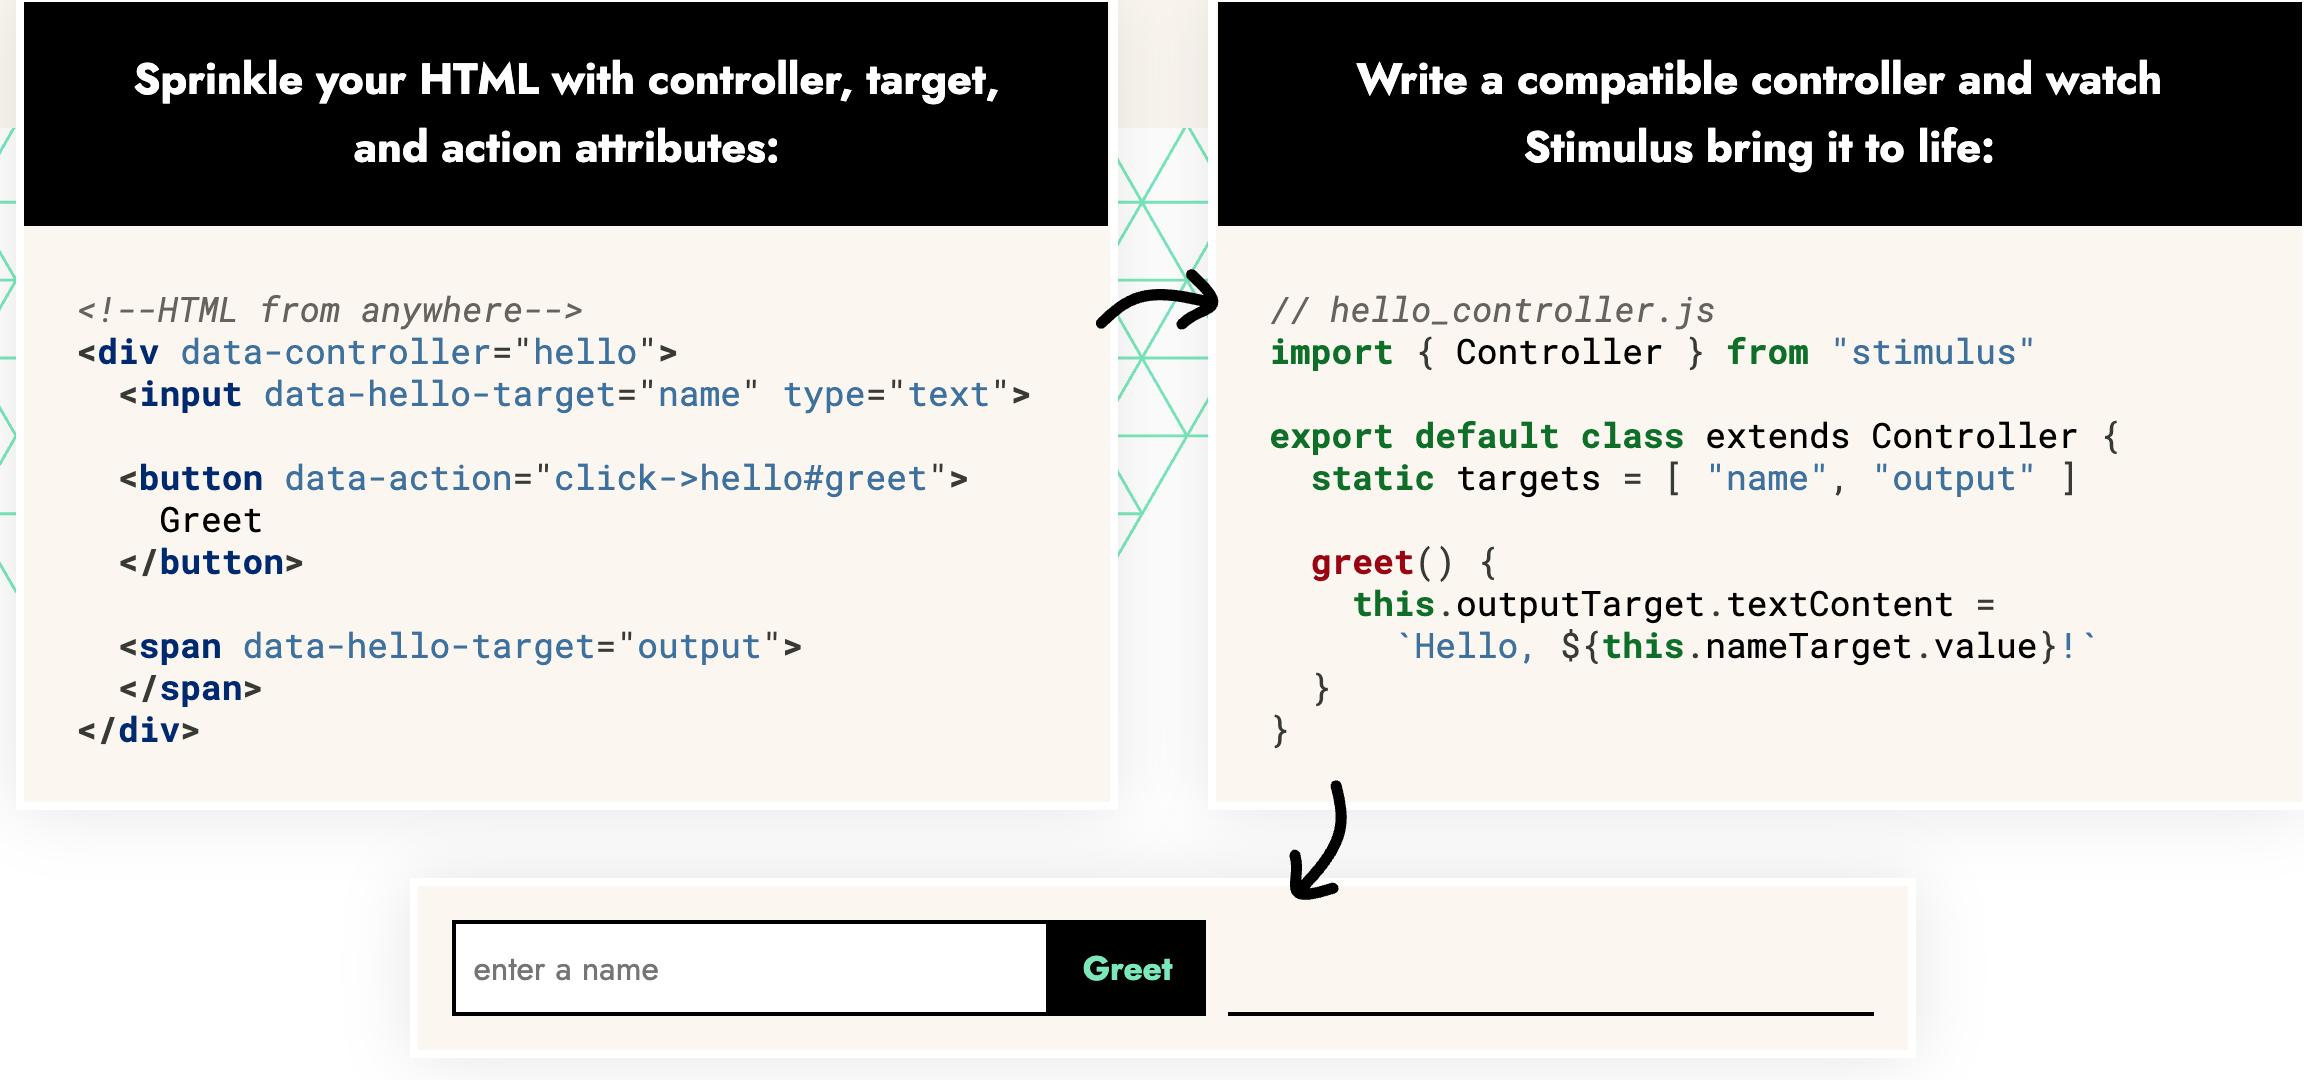 最近在写 rails 项目,用上了这个 js 框架